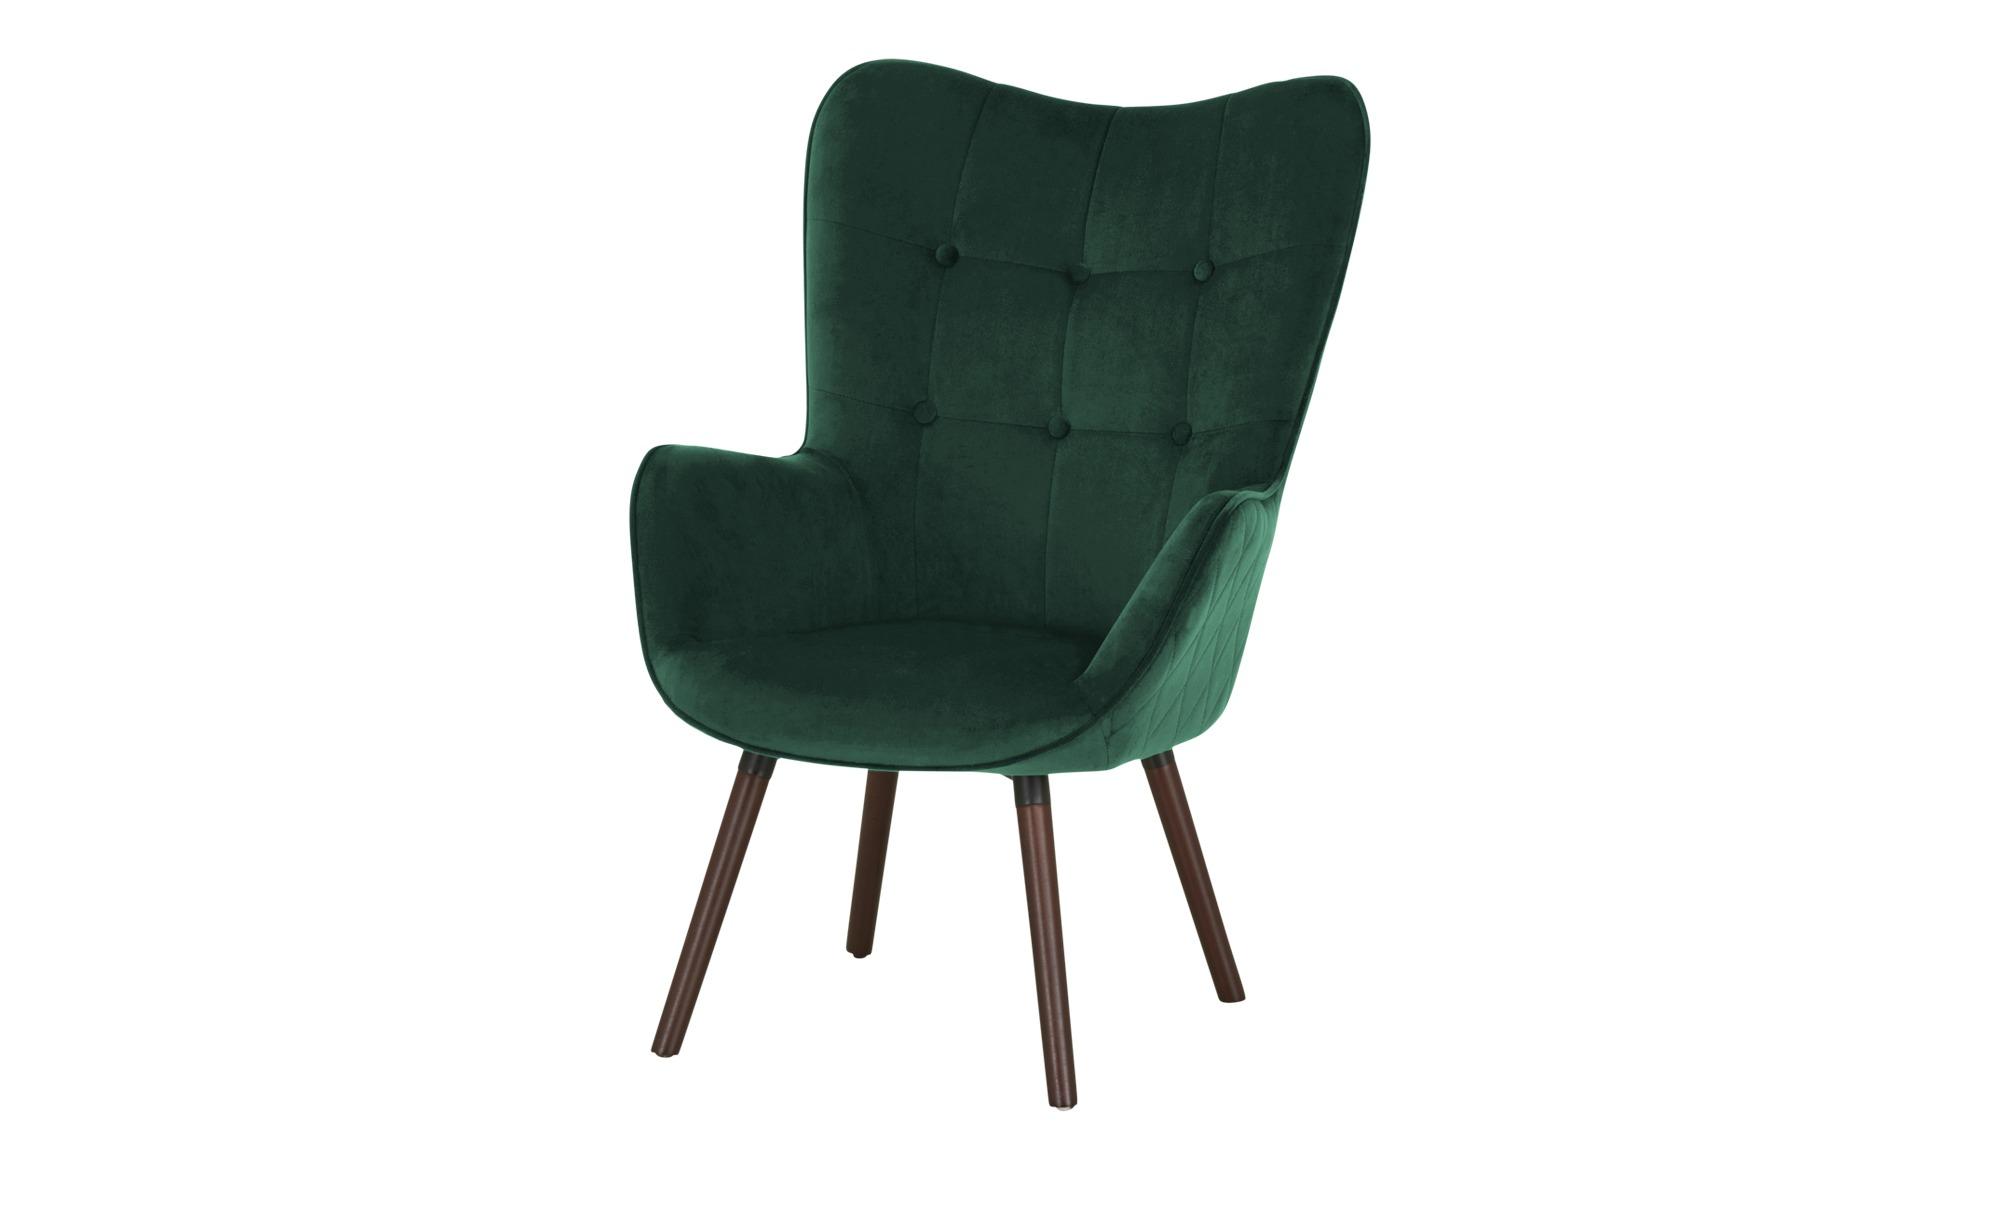 Playboy Sessel  Bridget ¦ grün ¦ Maße (cm): B: 68 H: 99 T: 77 Polstermöbel > Sessel > Ohrensessel - Höffner